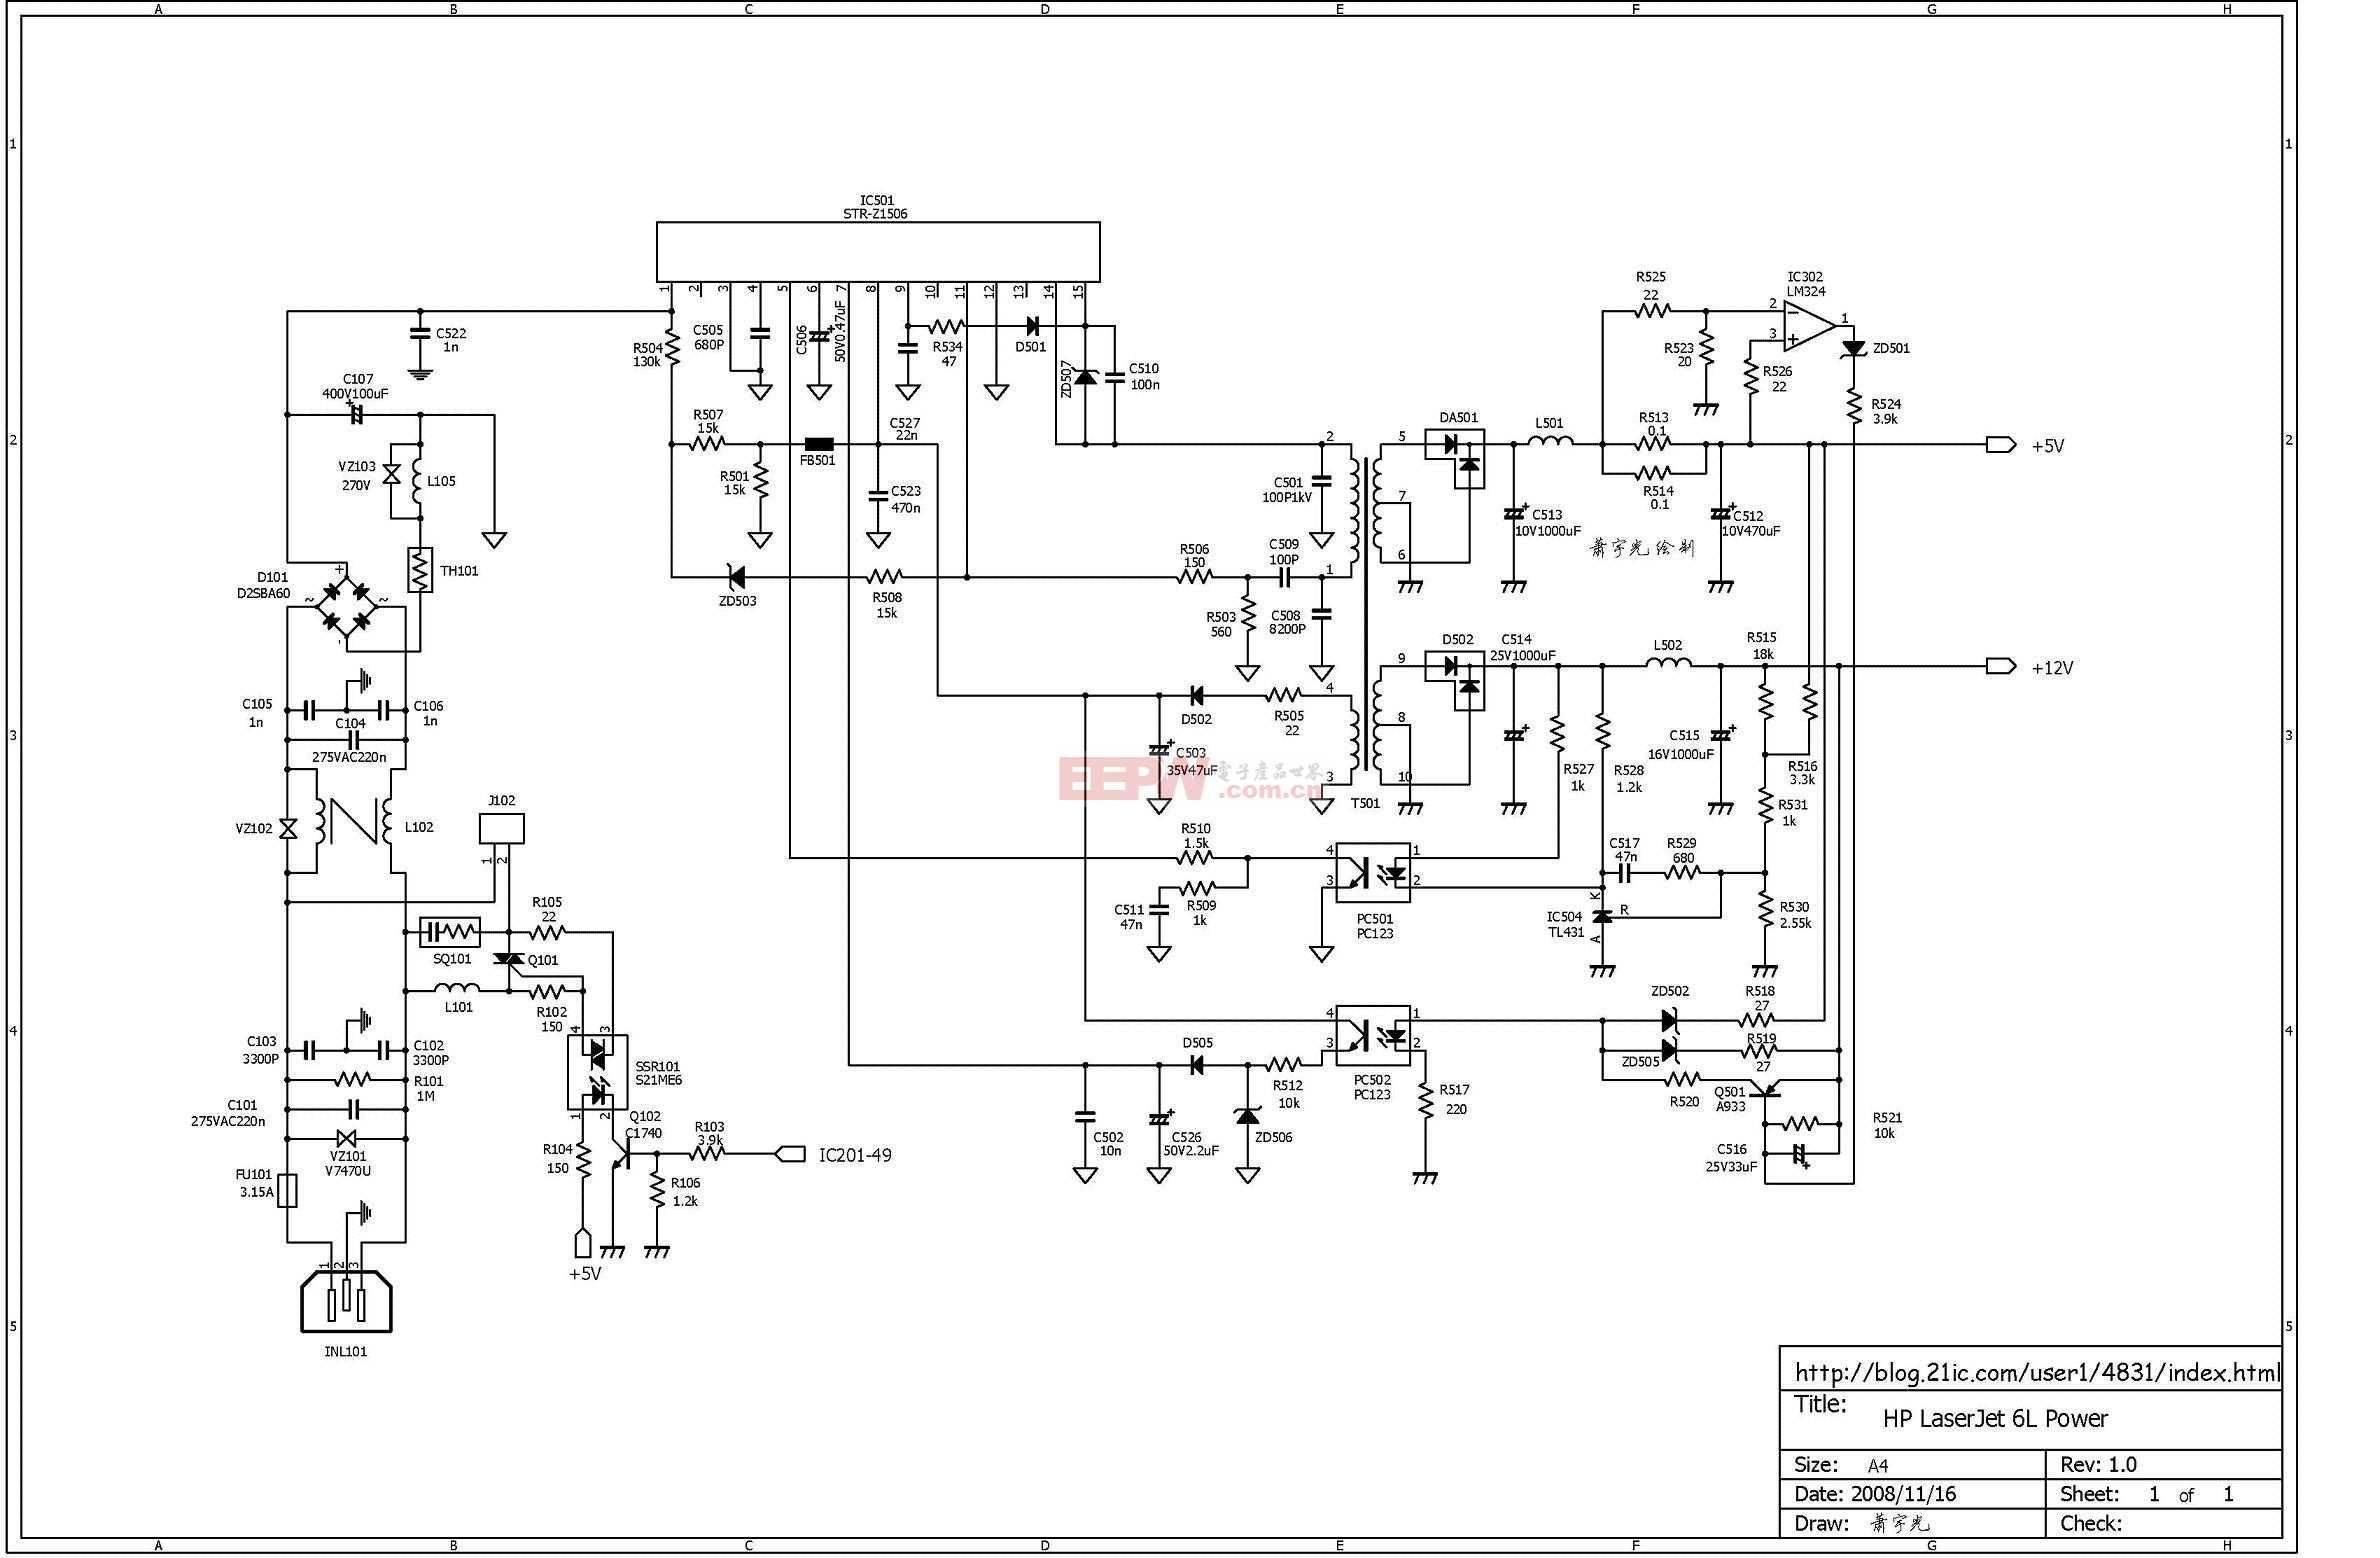 惠普6L激光打印机电源电路图